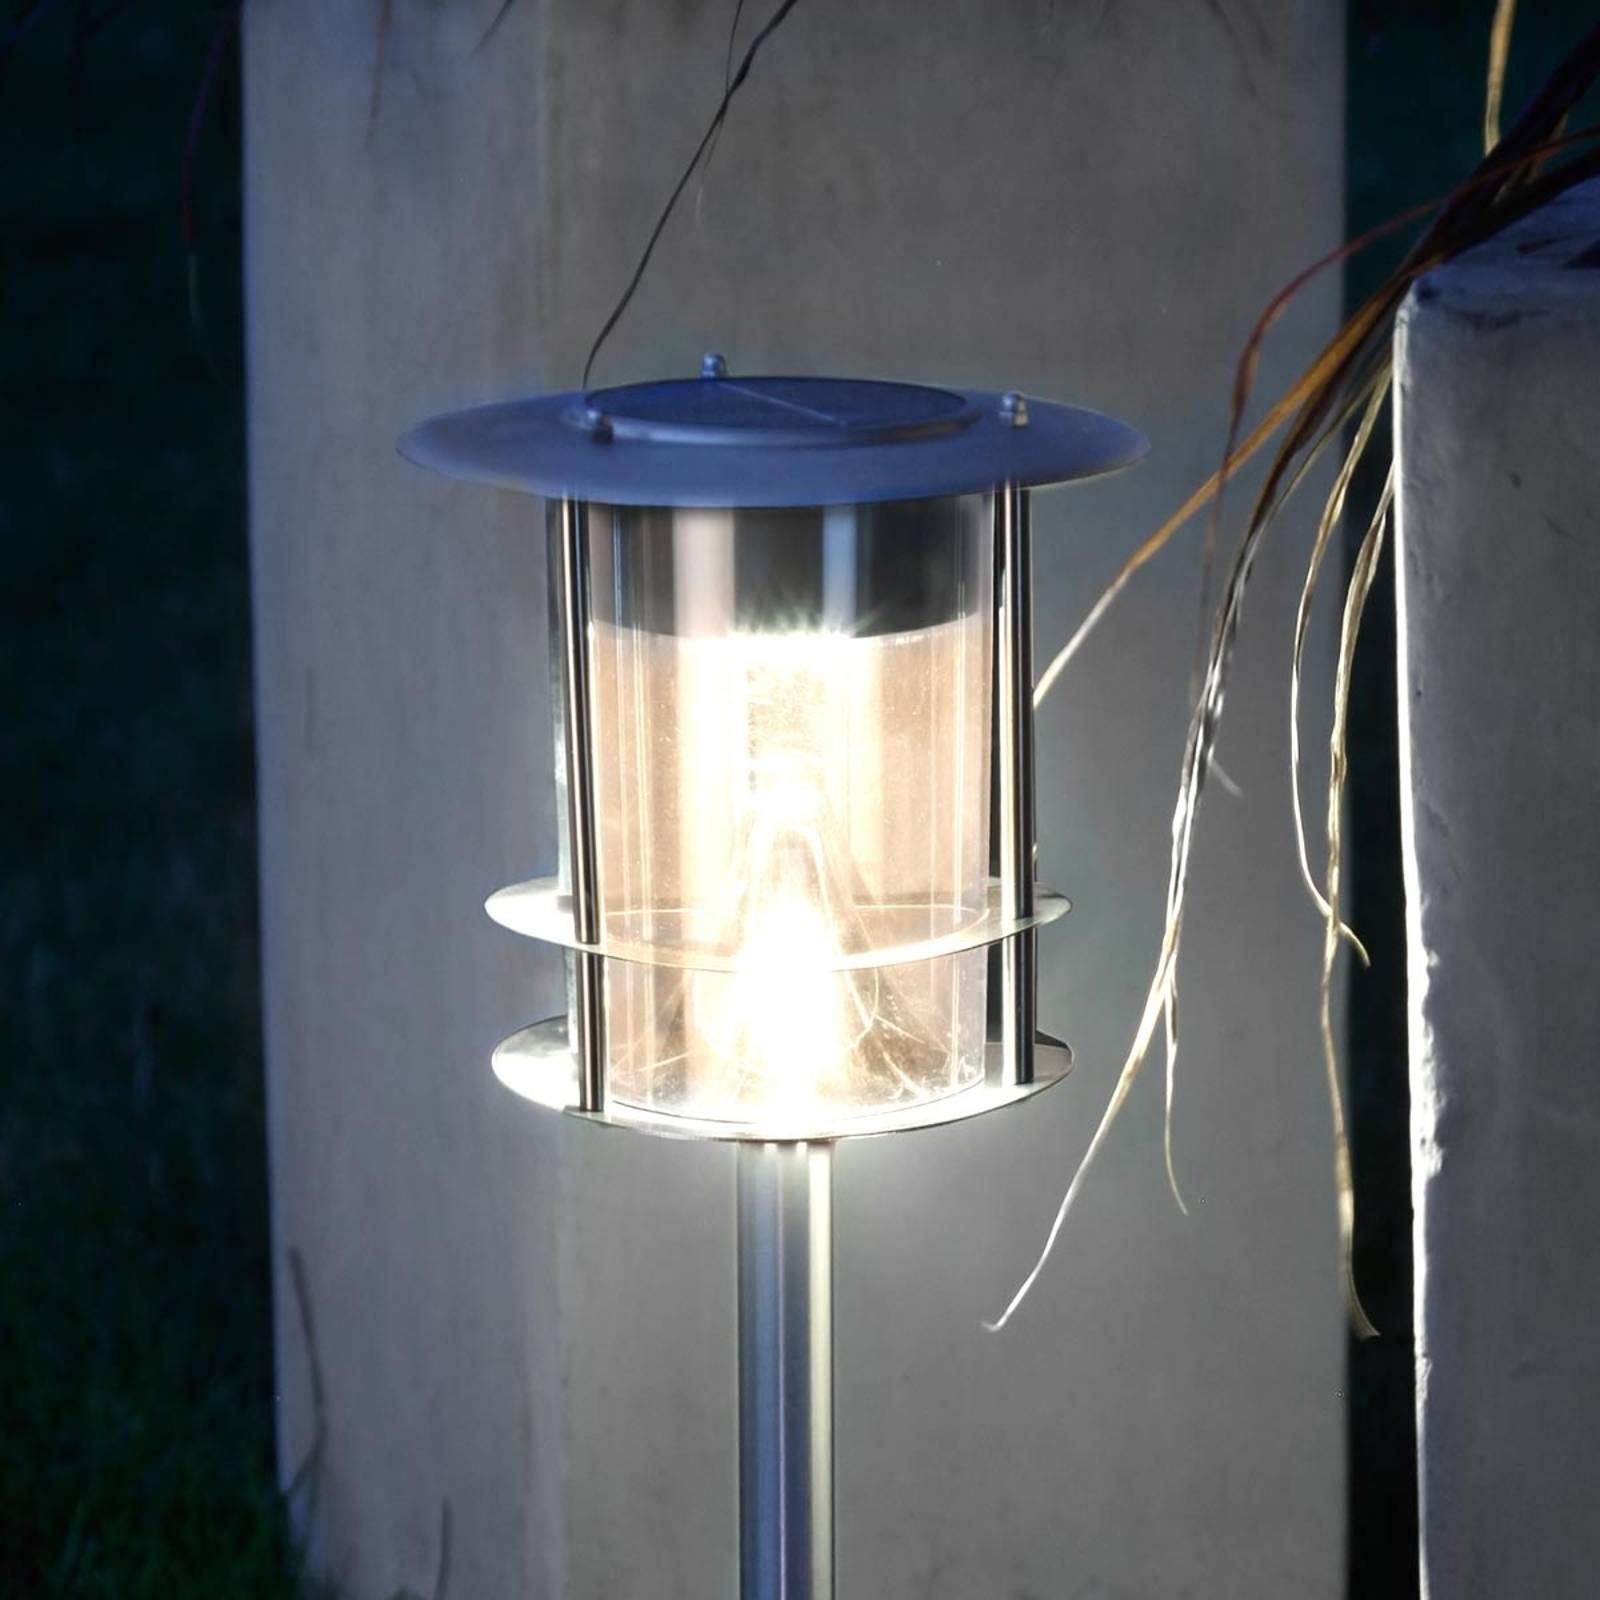 LED-aurinkokennovalaisin Garden Stick maapiikillä